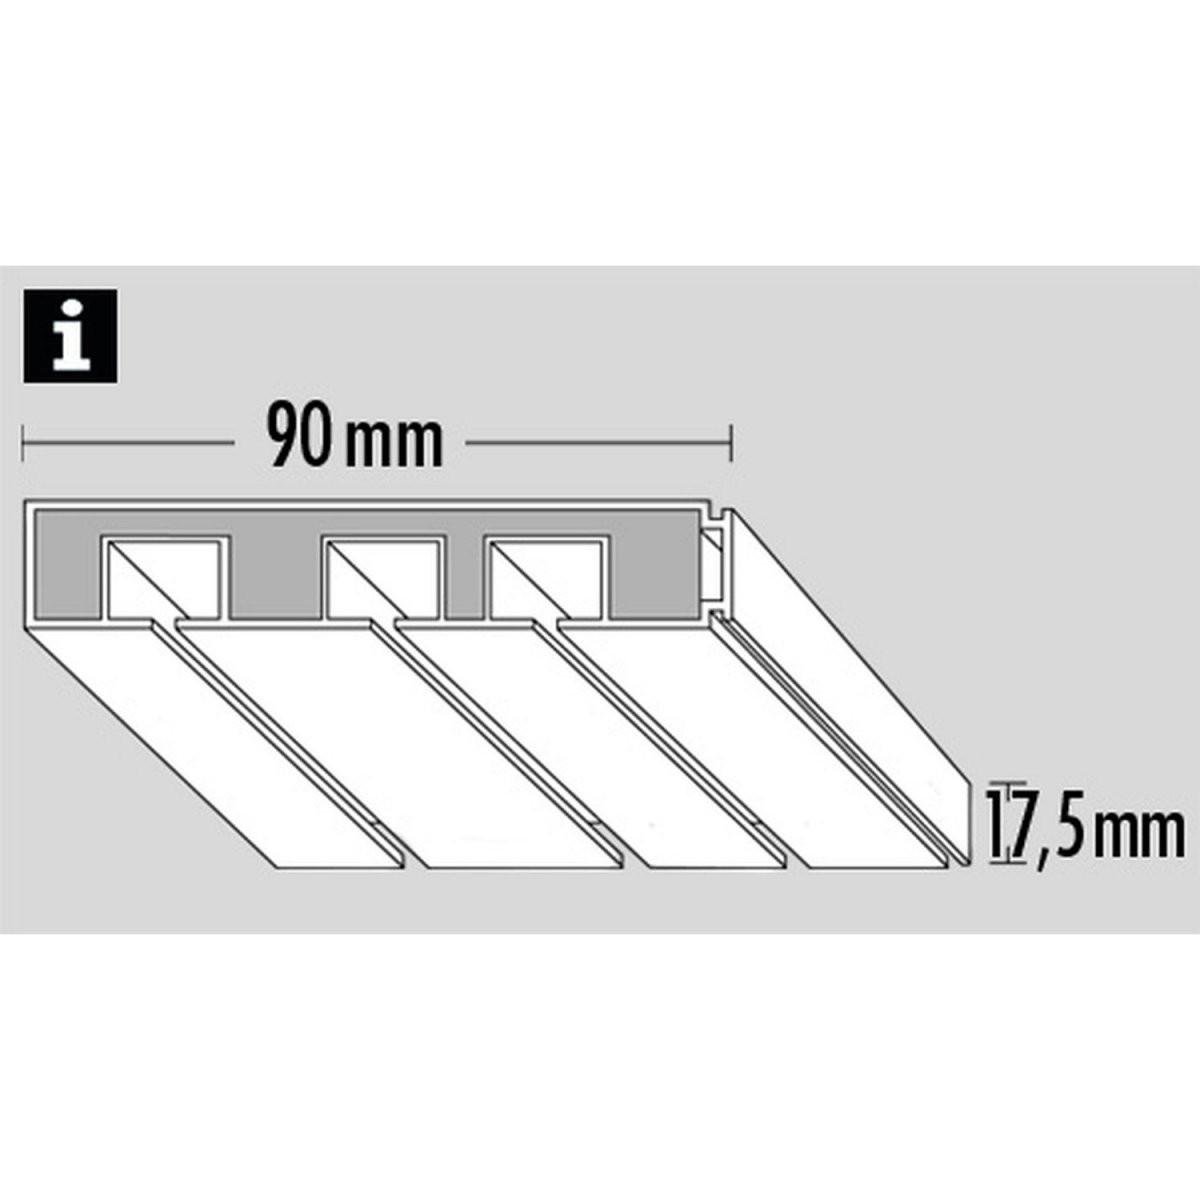 Gardinia Vorhangschiene 3Läufig Ge3 Weiß 120 Cm Kaufen Bei Obi von Gardinenschiene 3 Läufig Mit Blende Photo